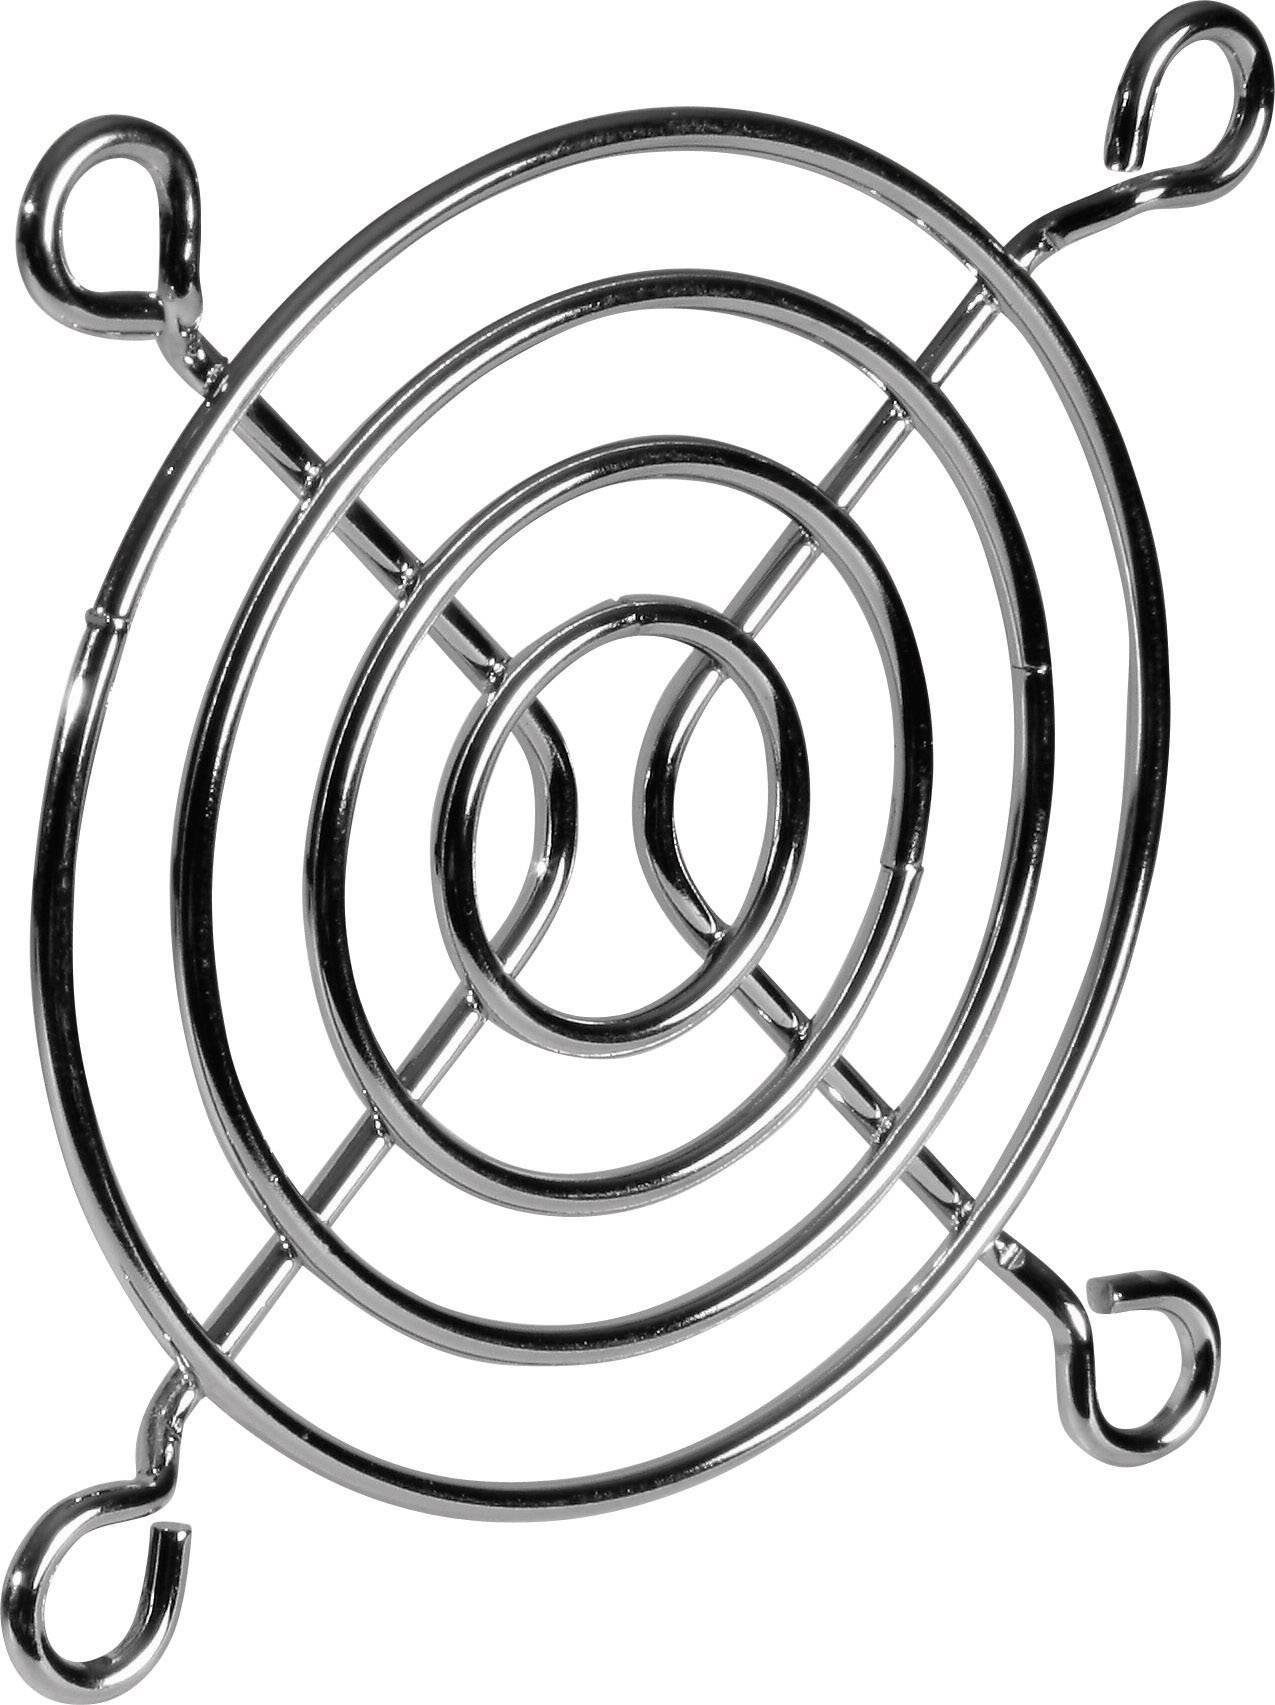 Vetracia mriežka SEPA;916010000, (š x v) 60 mm x 60 mm, 1 ks, oceľ, pochrómovaný